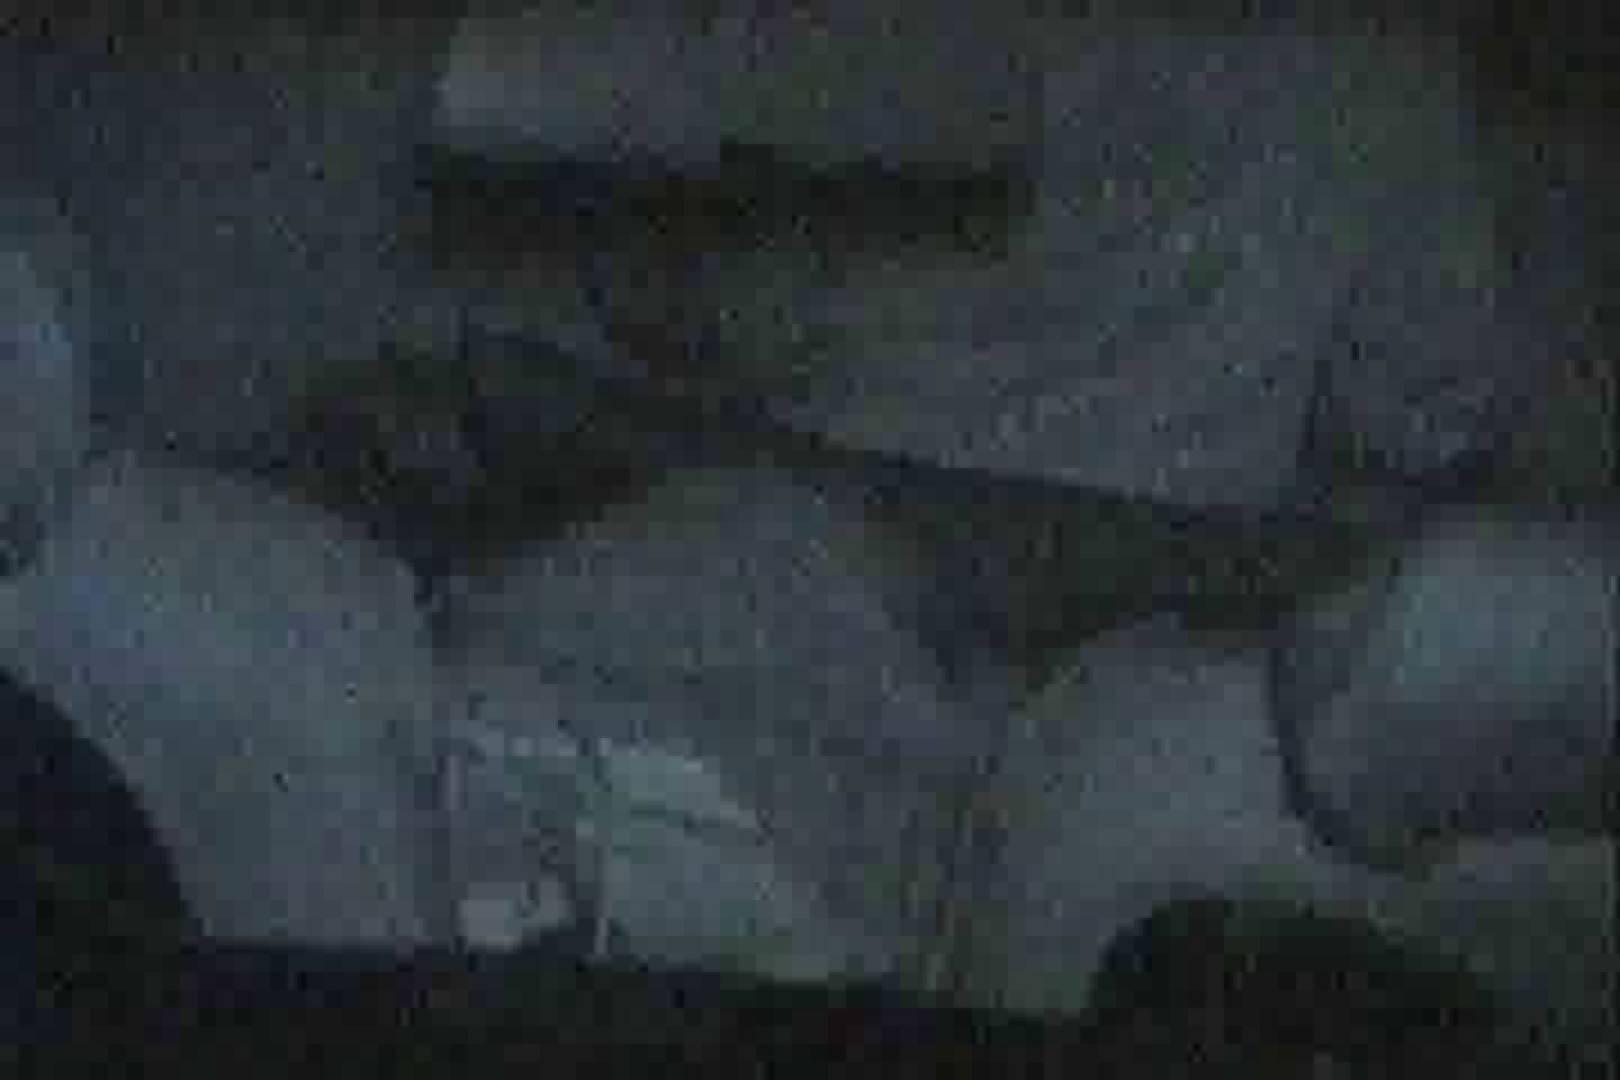 充血監督の深夜の運動会Vol.14 OLエロ画像 覗きおまんこ画像 106PICs 74